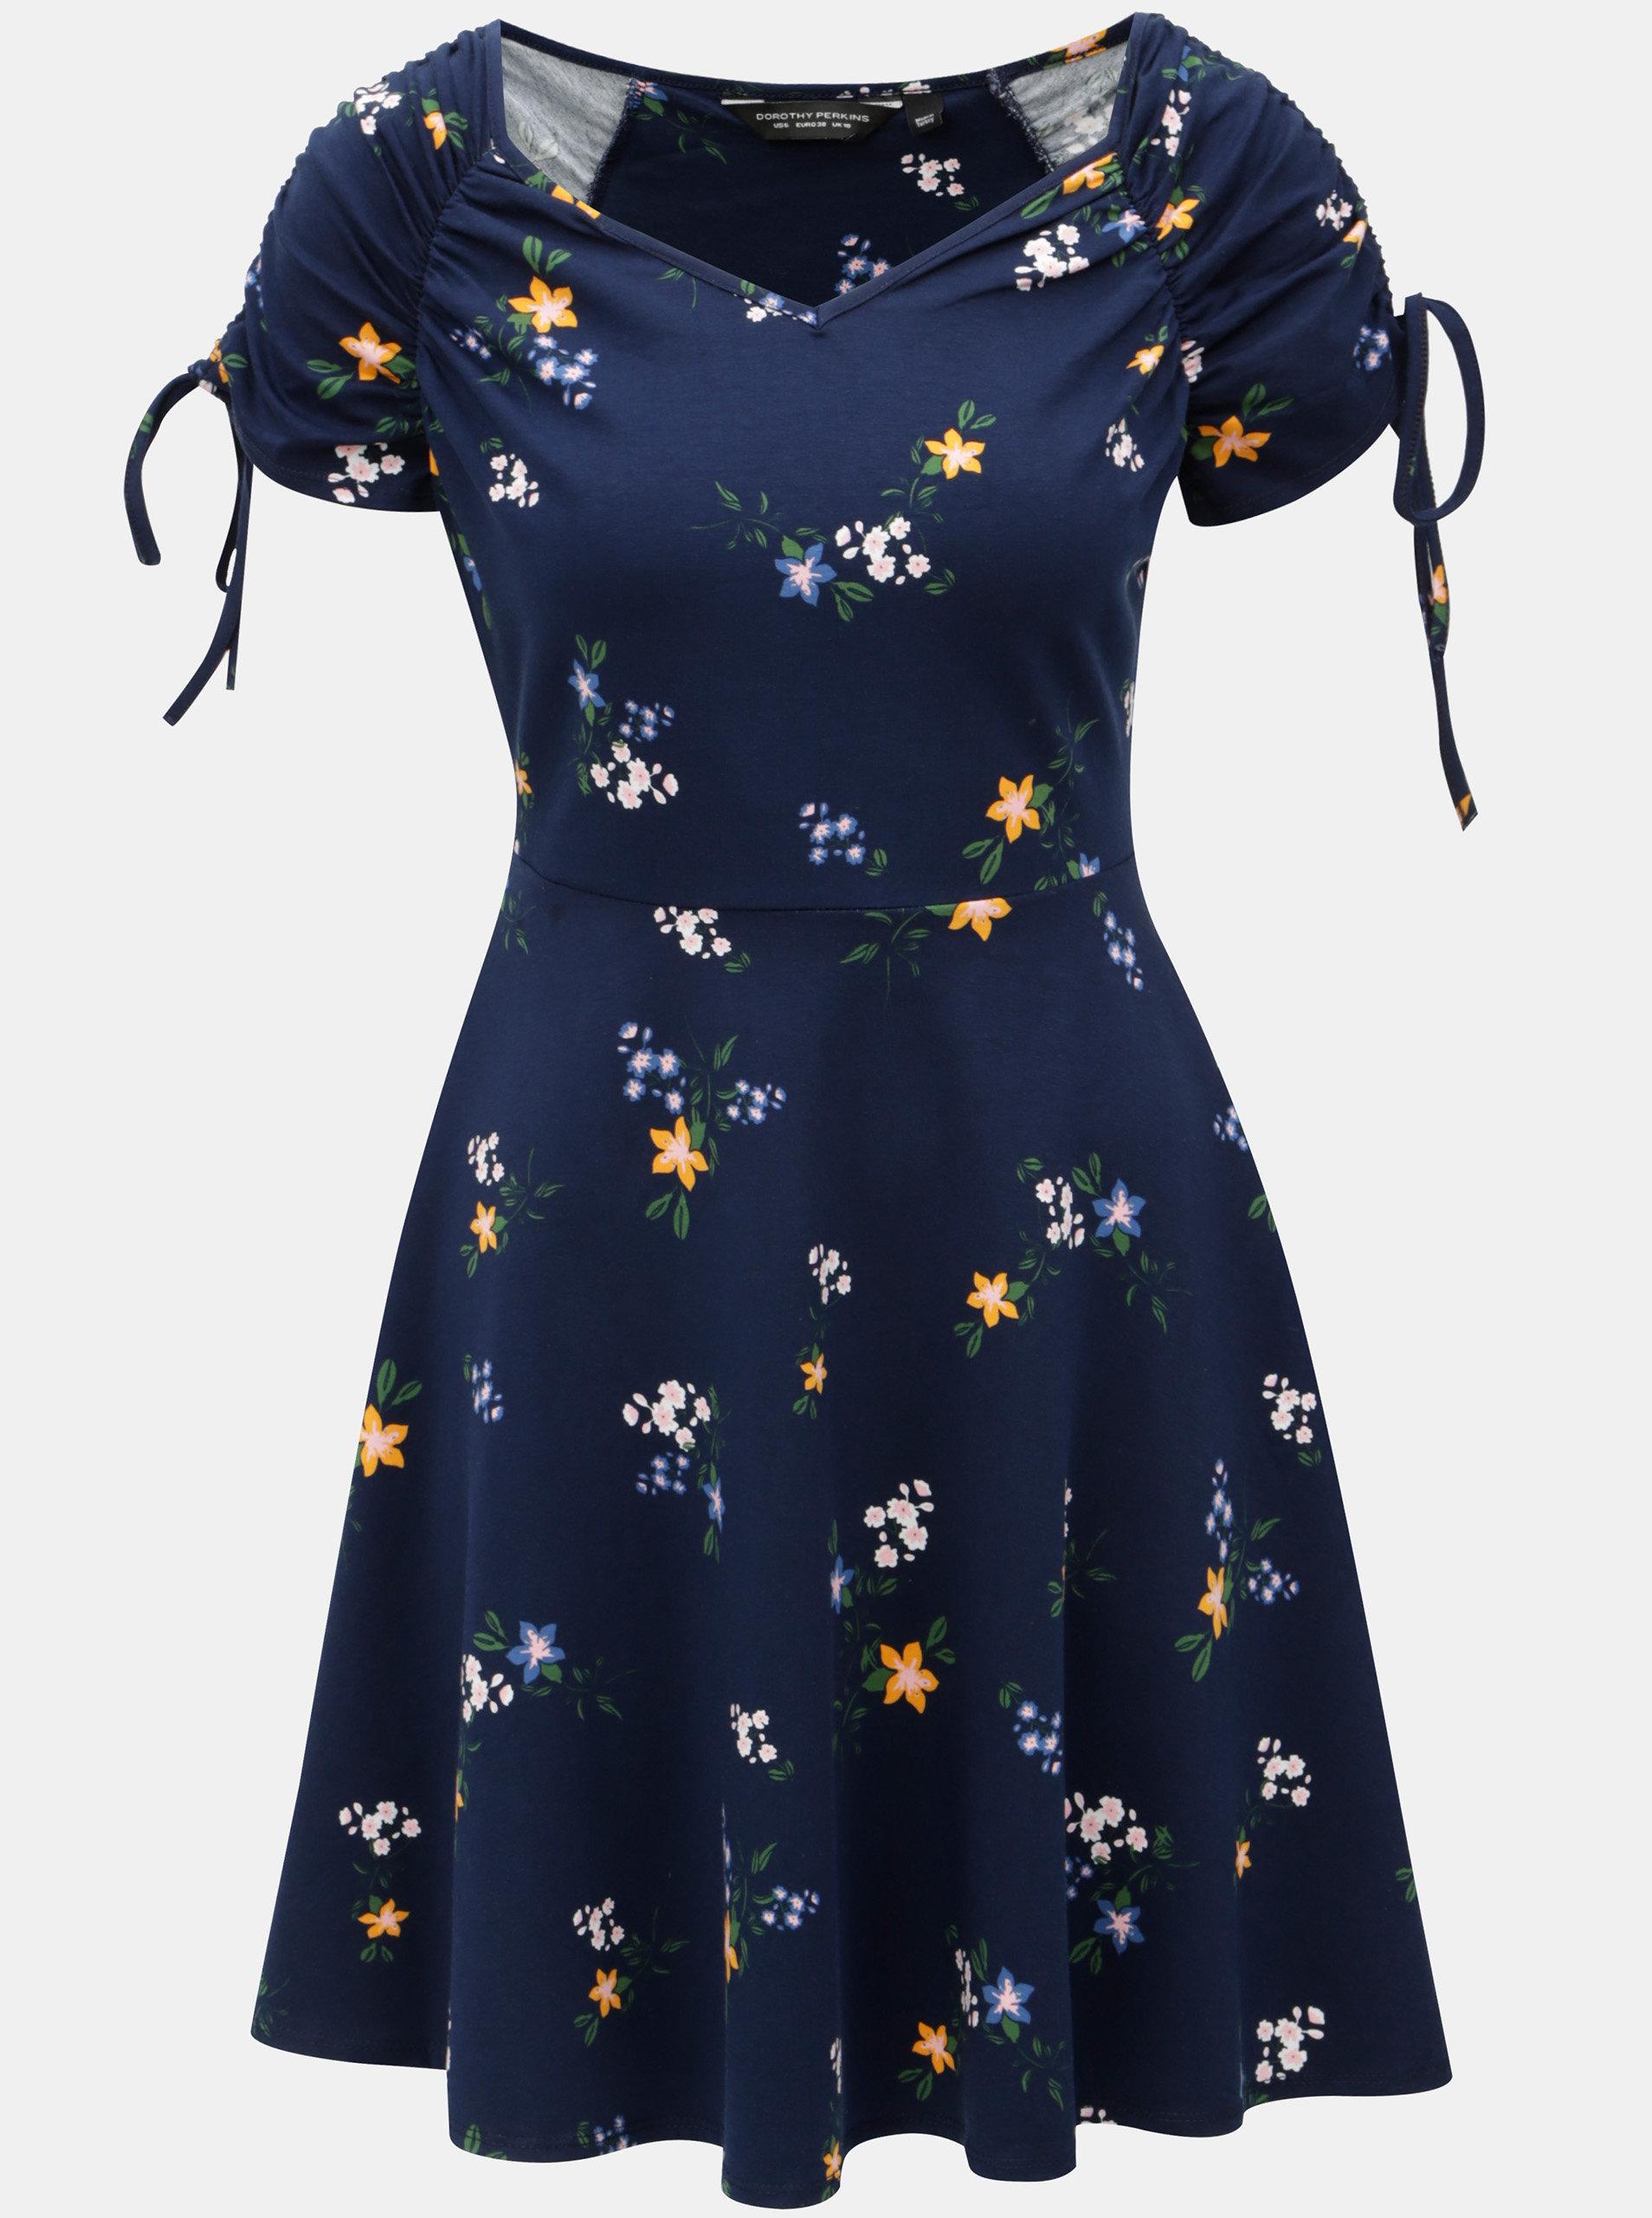 ad5a6d9429d8 Modré vzorované šaty Dorothy Perkins ...